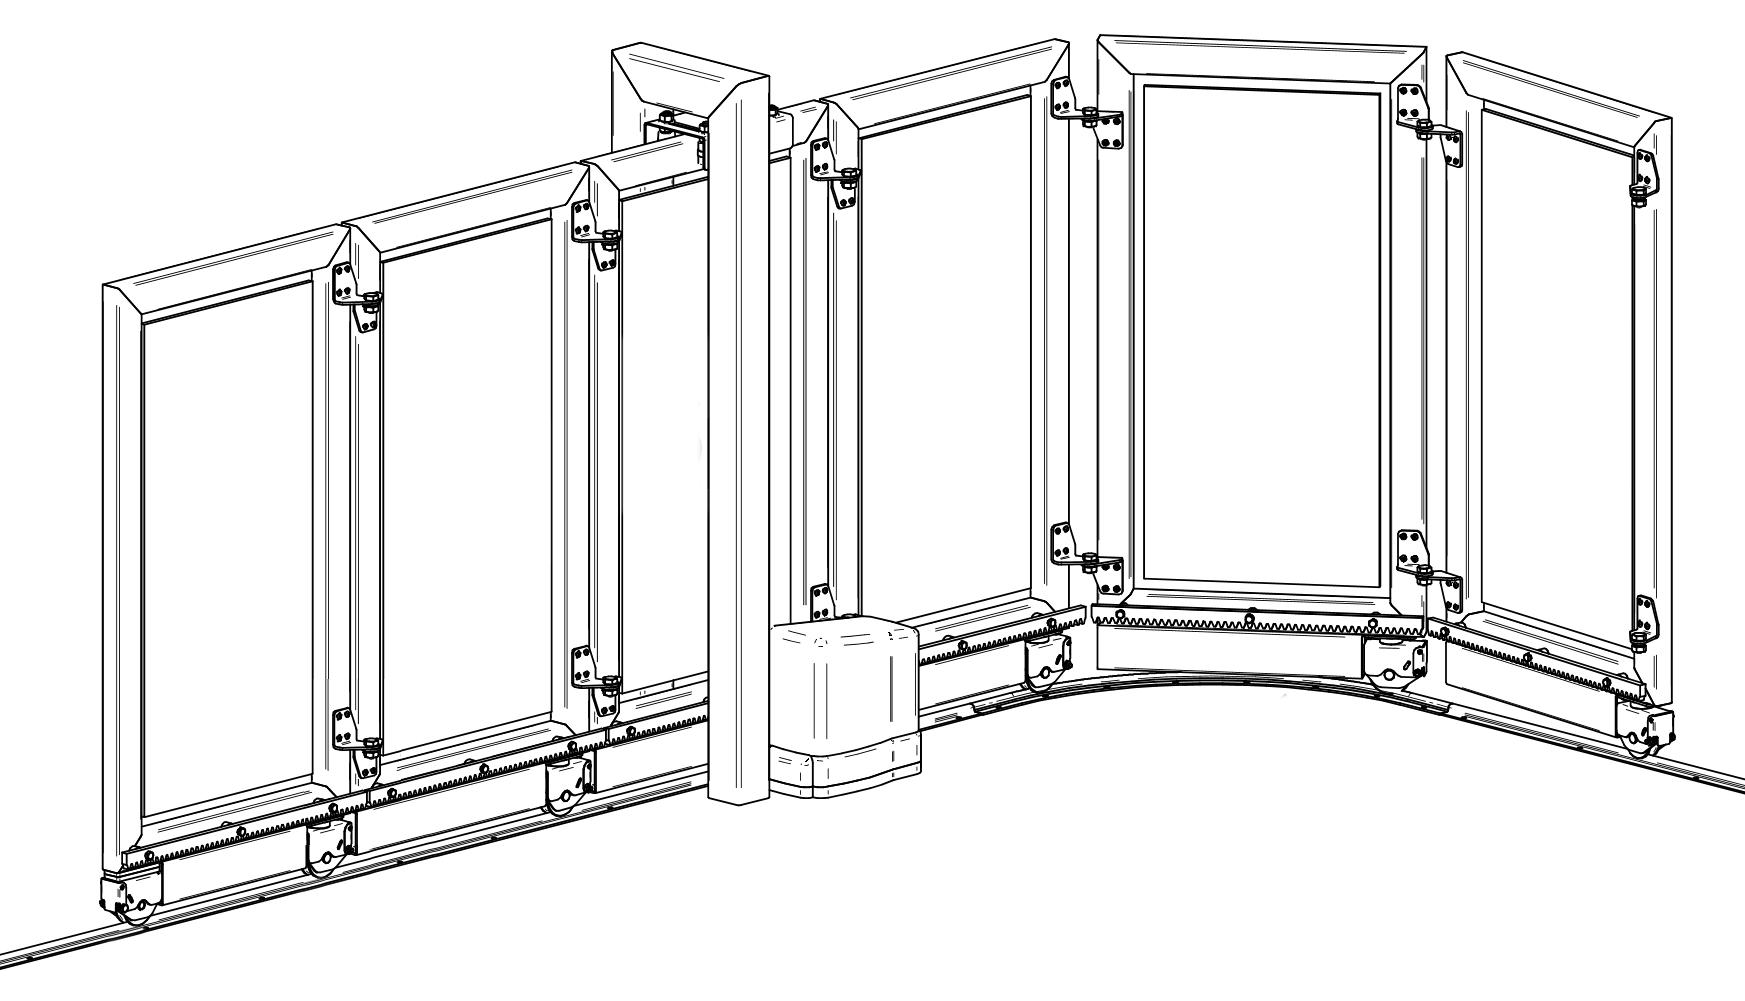 Fiche article : KA10.10, KIT pour portail à courbe  Vantail